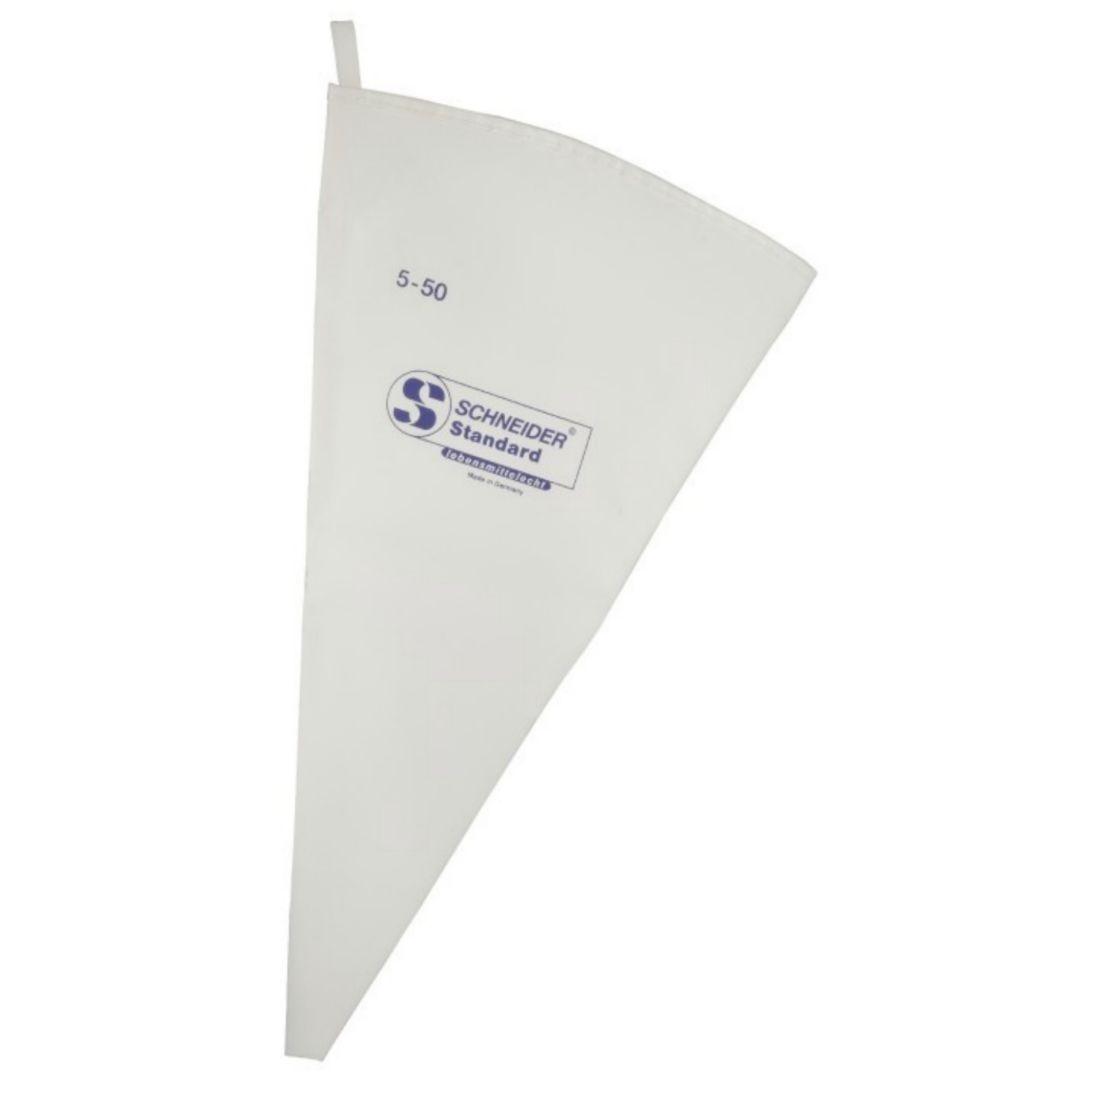 Pytlík cukrářský Standard 55 cm